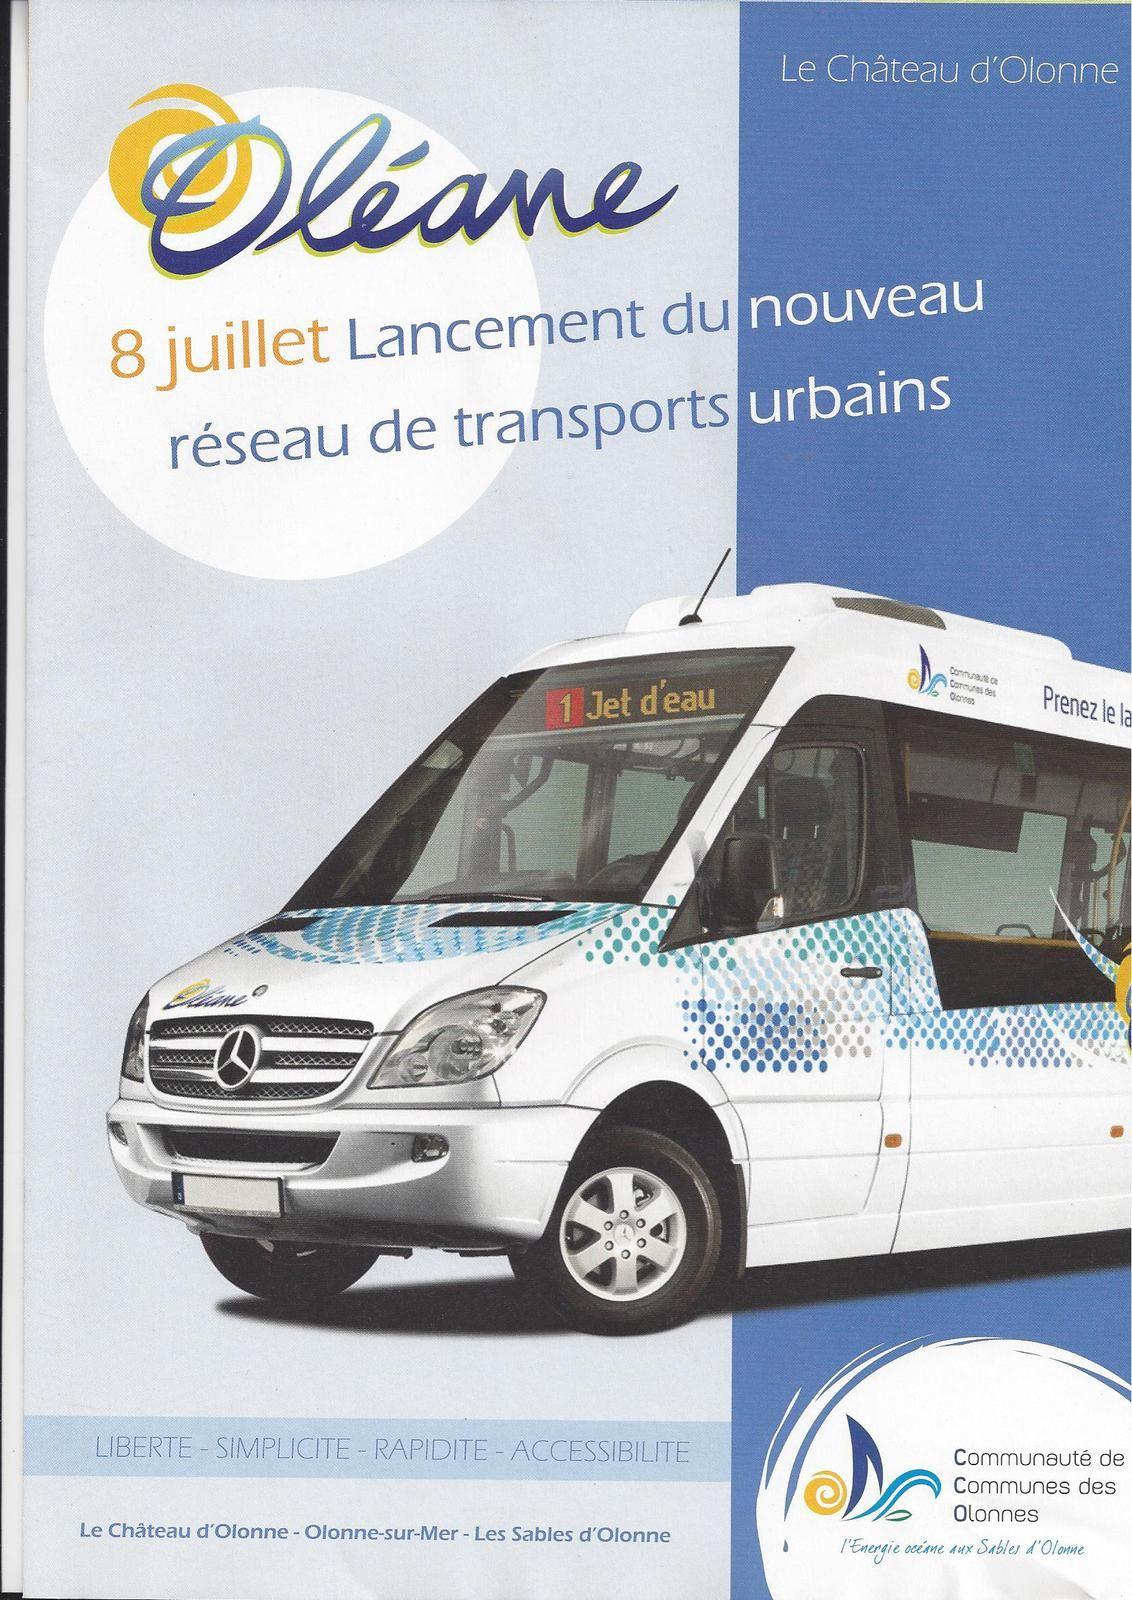 BUG SUR BLOG : l'article sur les transports publics